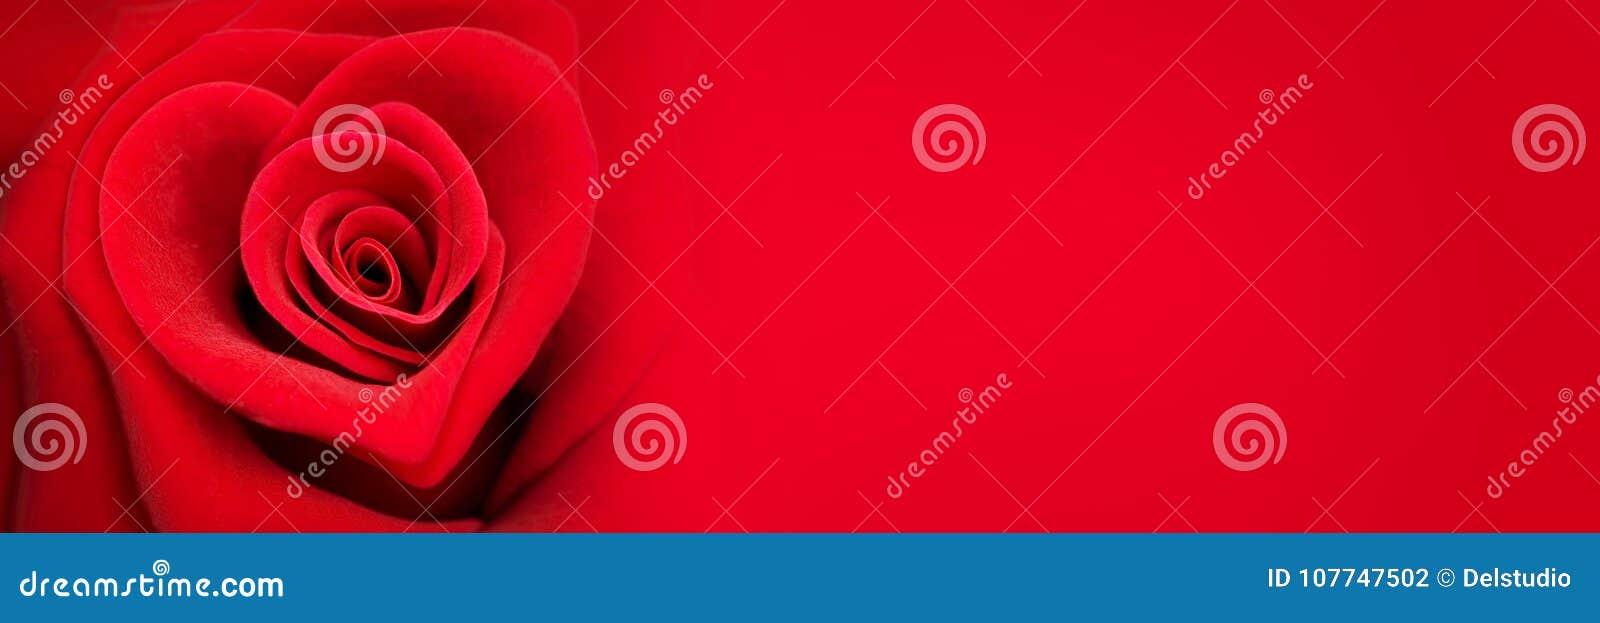 Rosa en la forma de un corazón, bandera del rojo del día de tarjetas del día de San Valentín